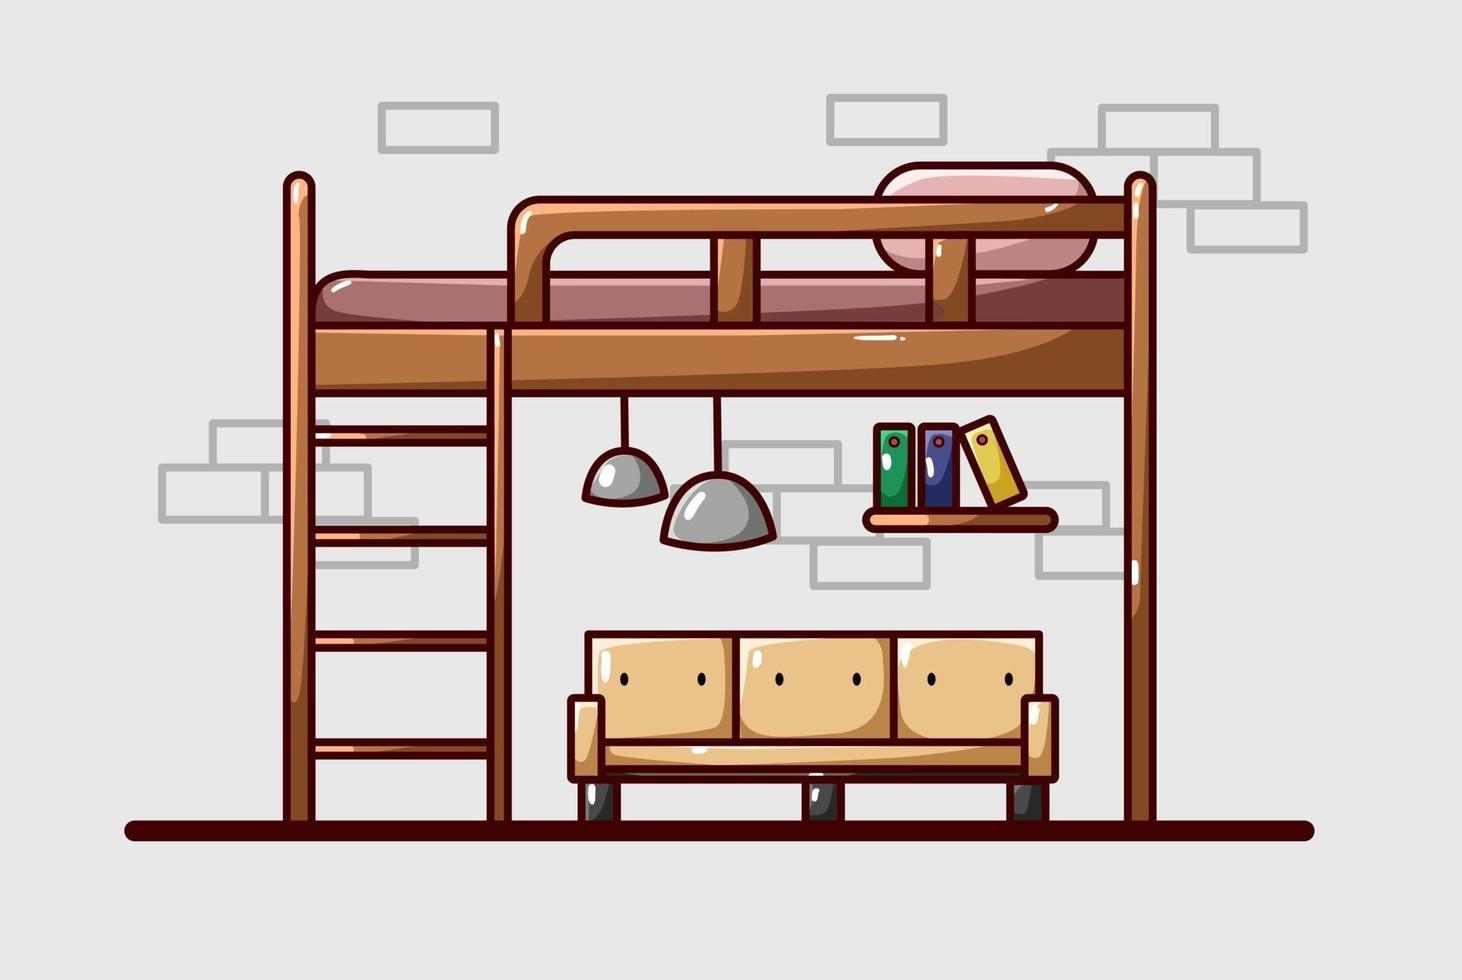 ilustração de cama em dormitório de luxo vetor